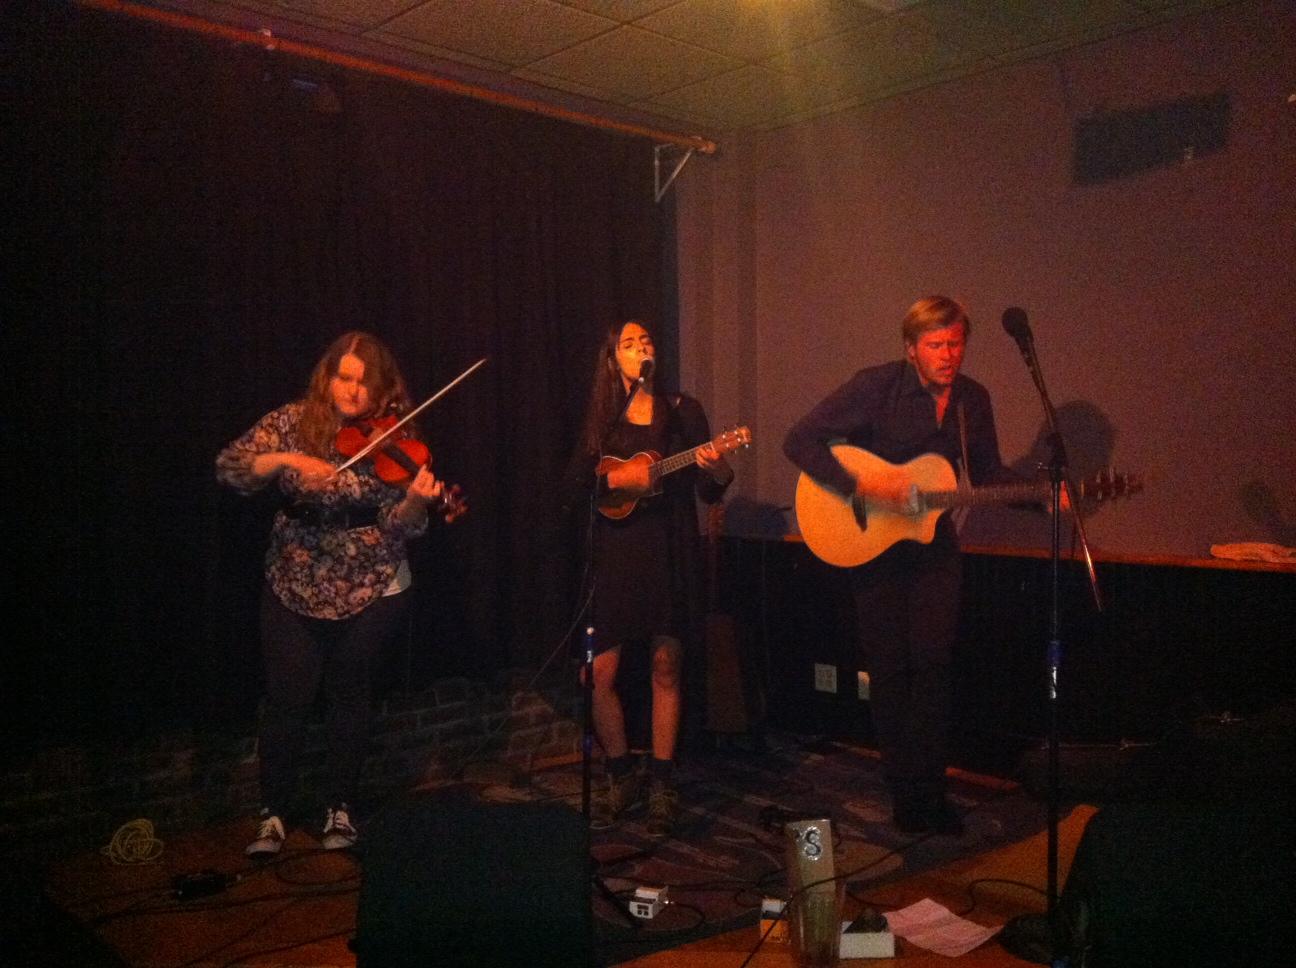 TOUR DIARY: TUES 8/6 @ SALLY O'BRIEN'S (Boston, MA)